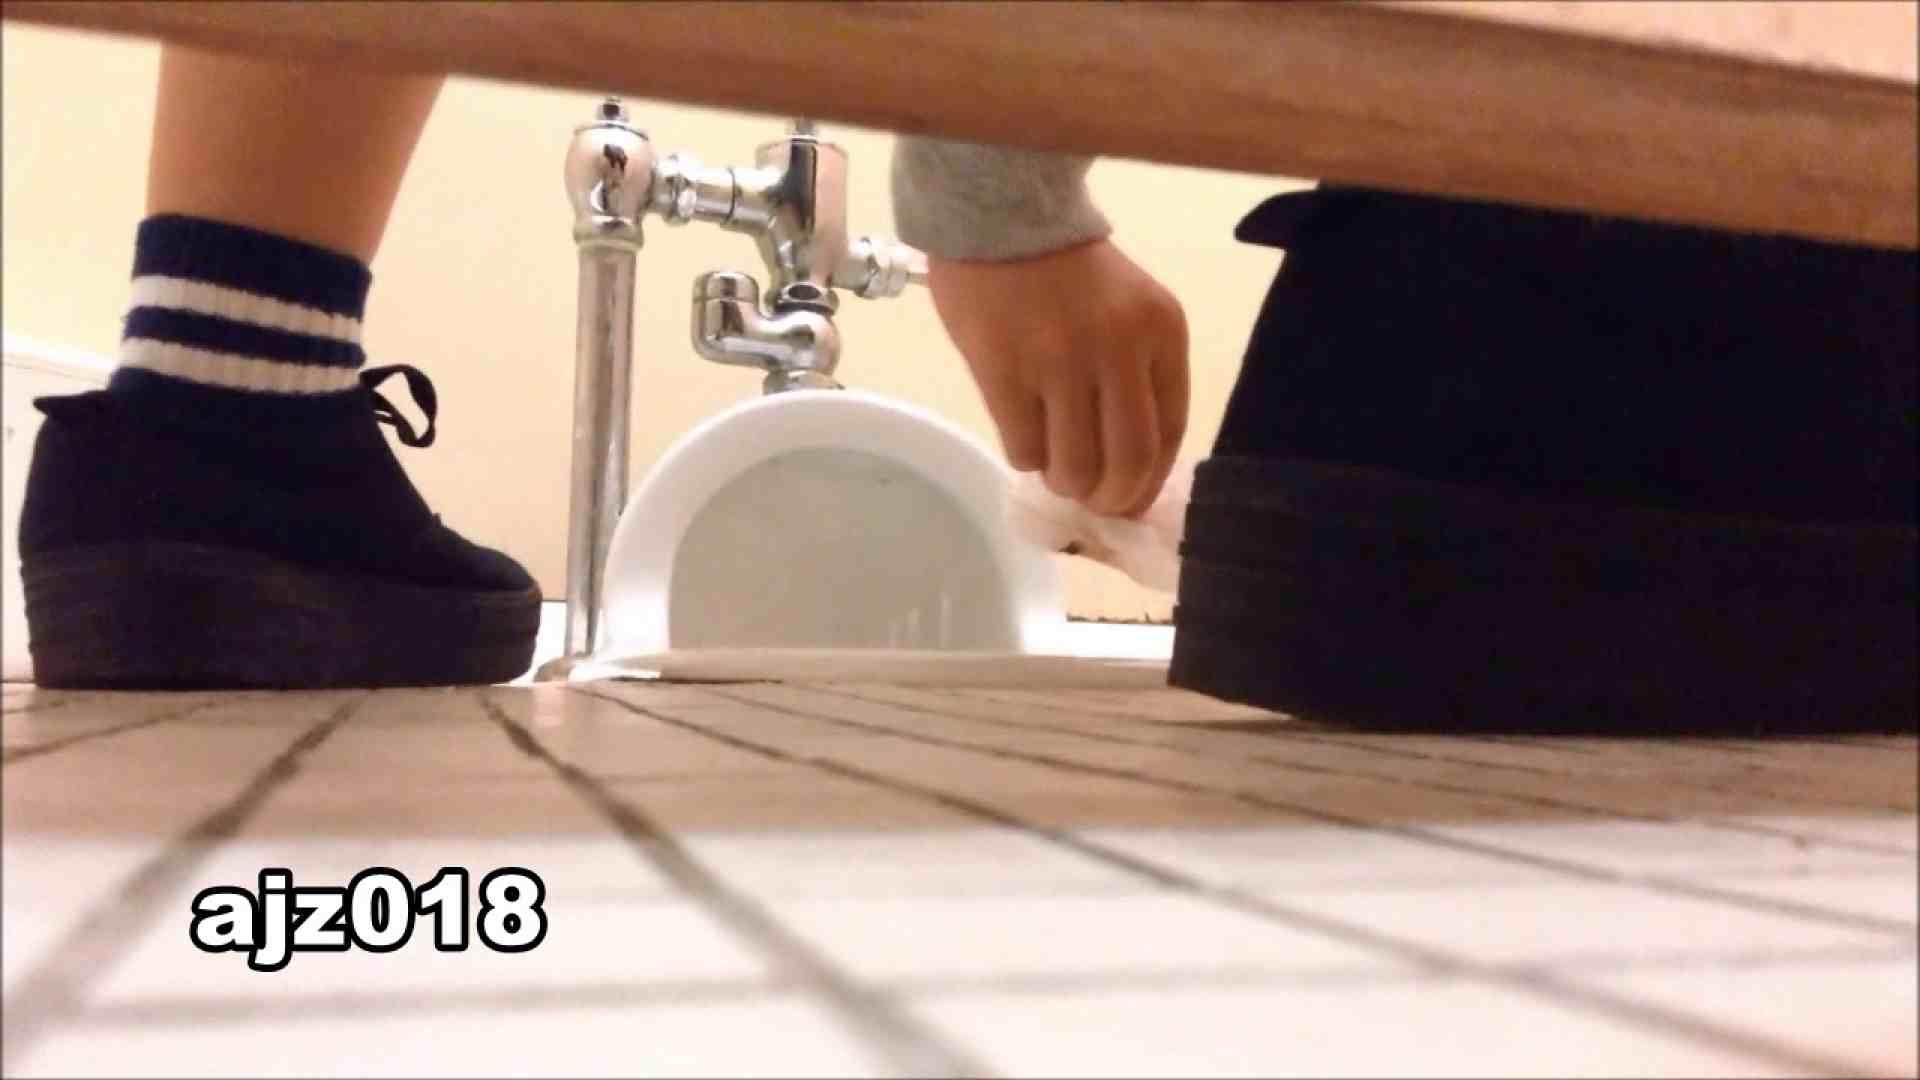 某有名大学女性洗面所 vol.18 潜入 オマンコ無修正動画無料 95枚 67